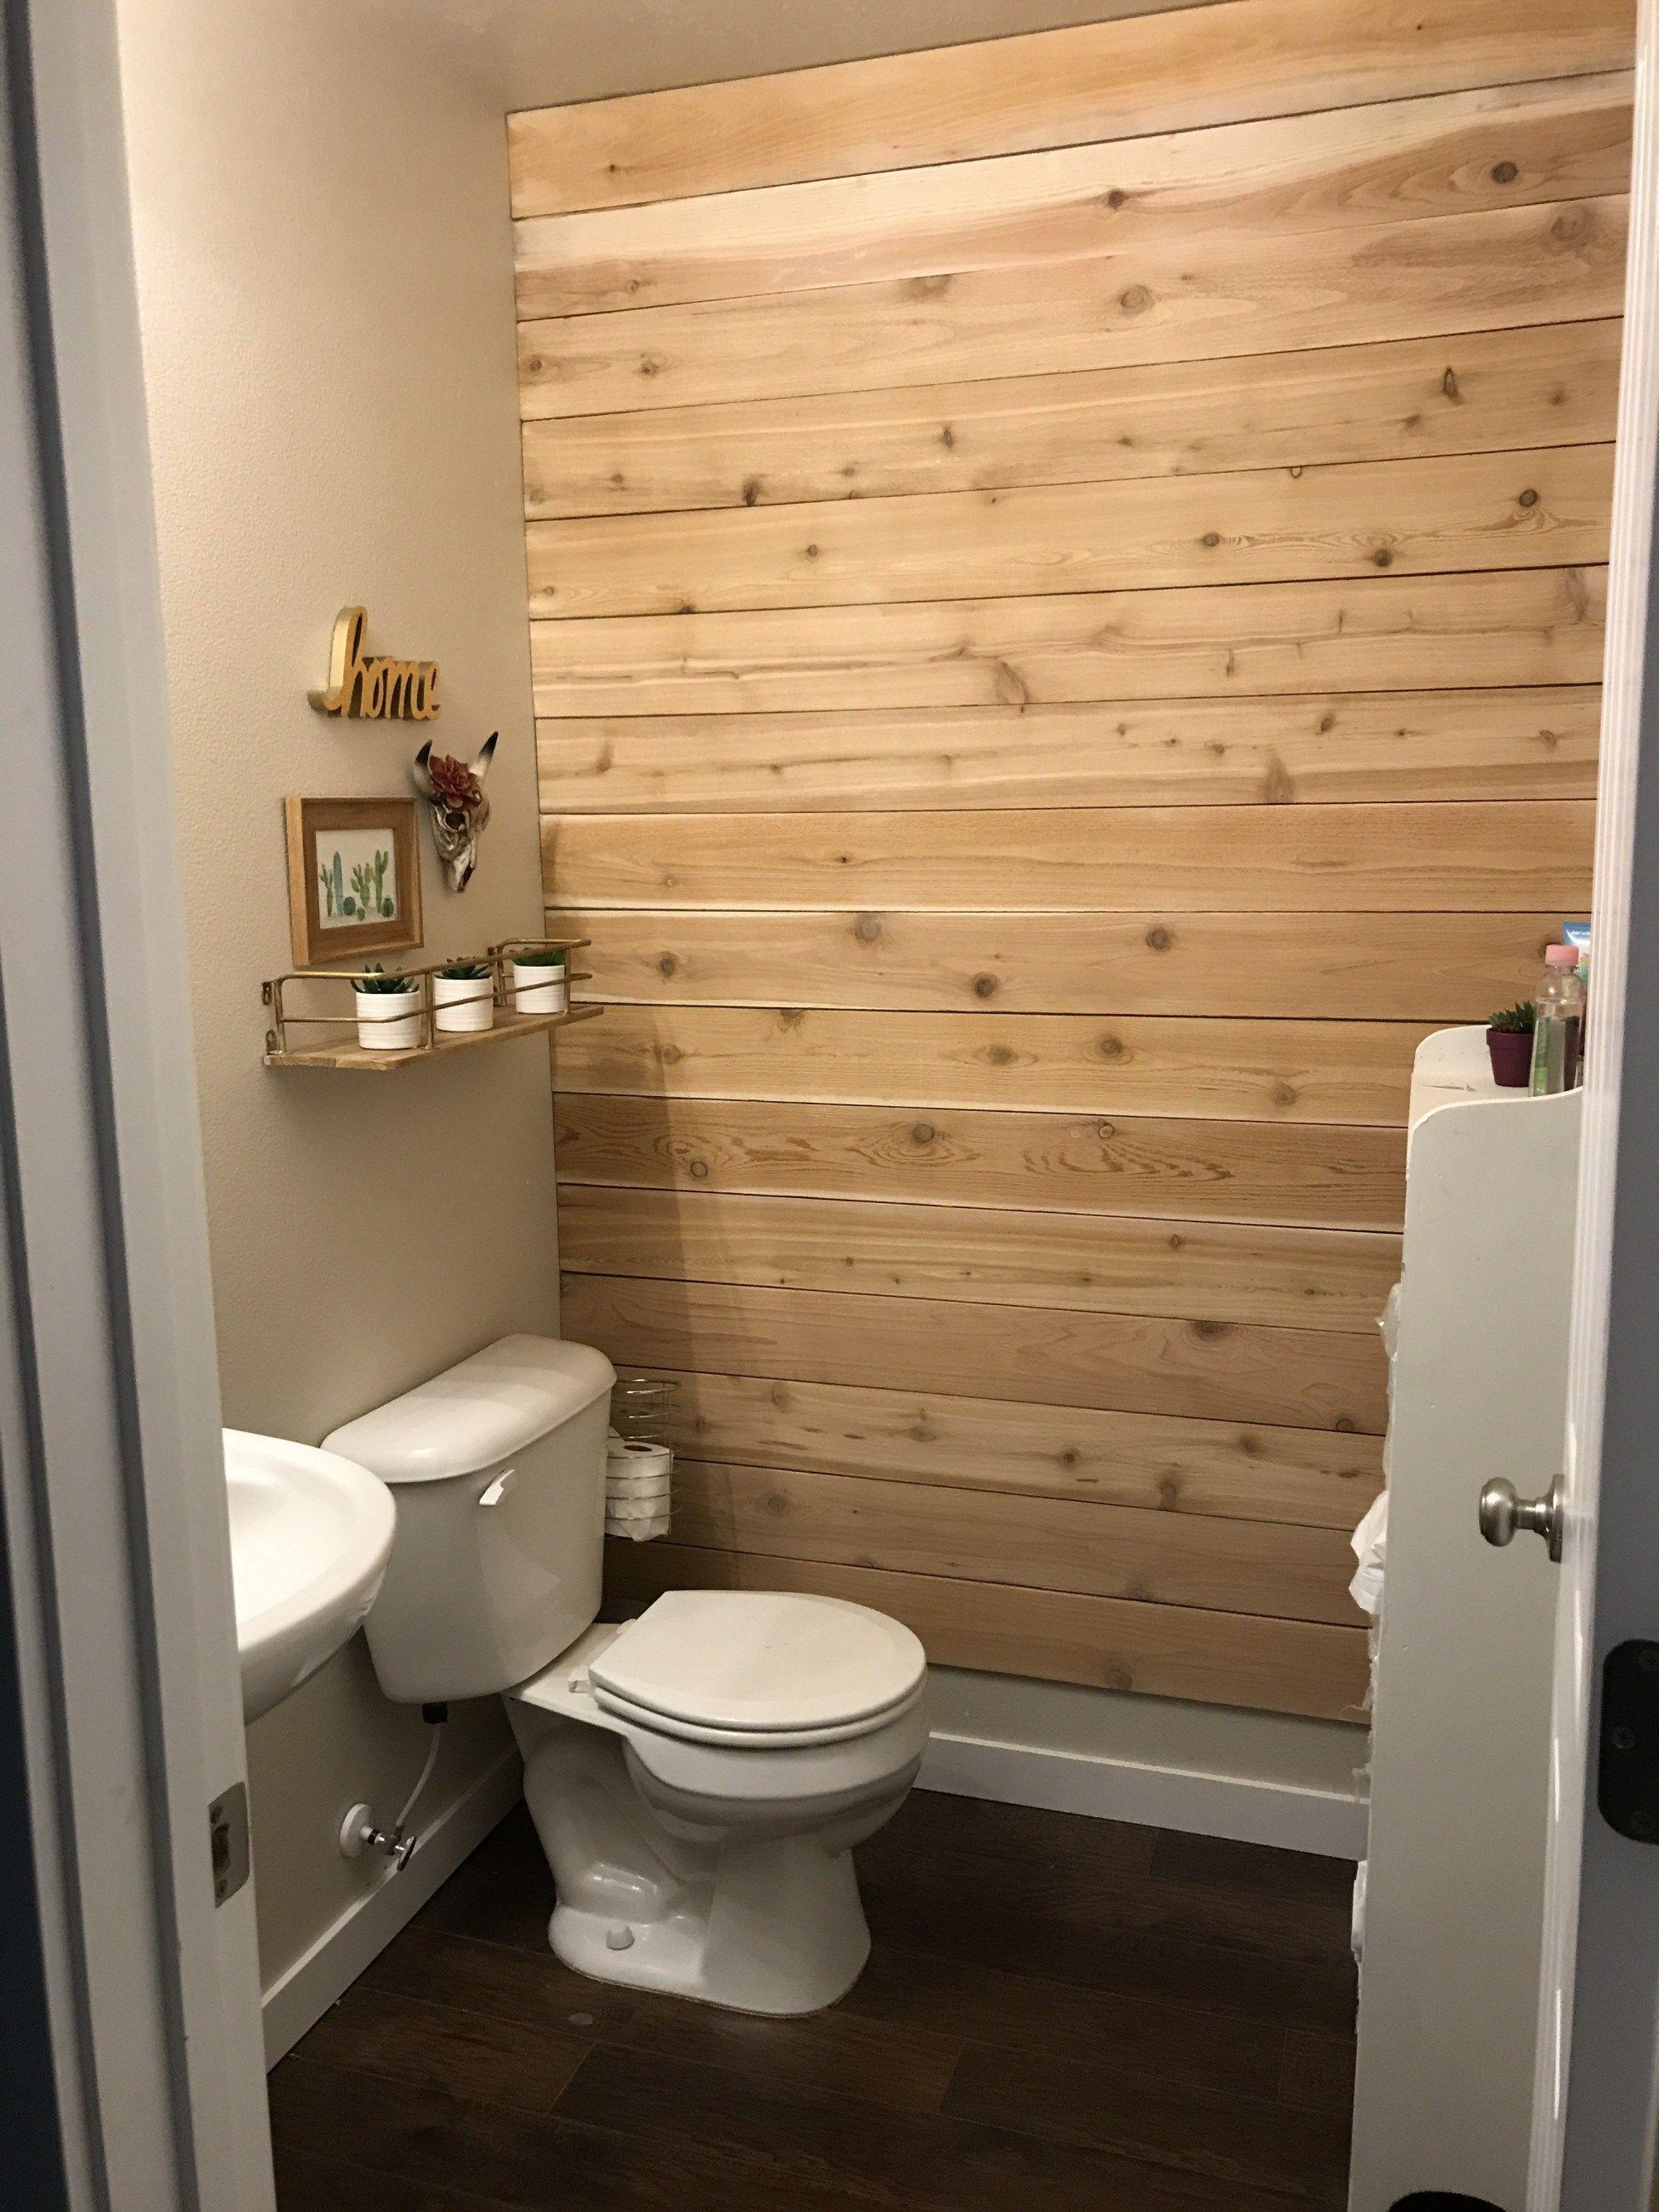 Diy Wood Plank Wall On A Budget Three Clementines Wood Plank Walls Plank Walls Pallet Wall Bathroom